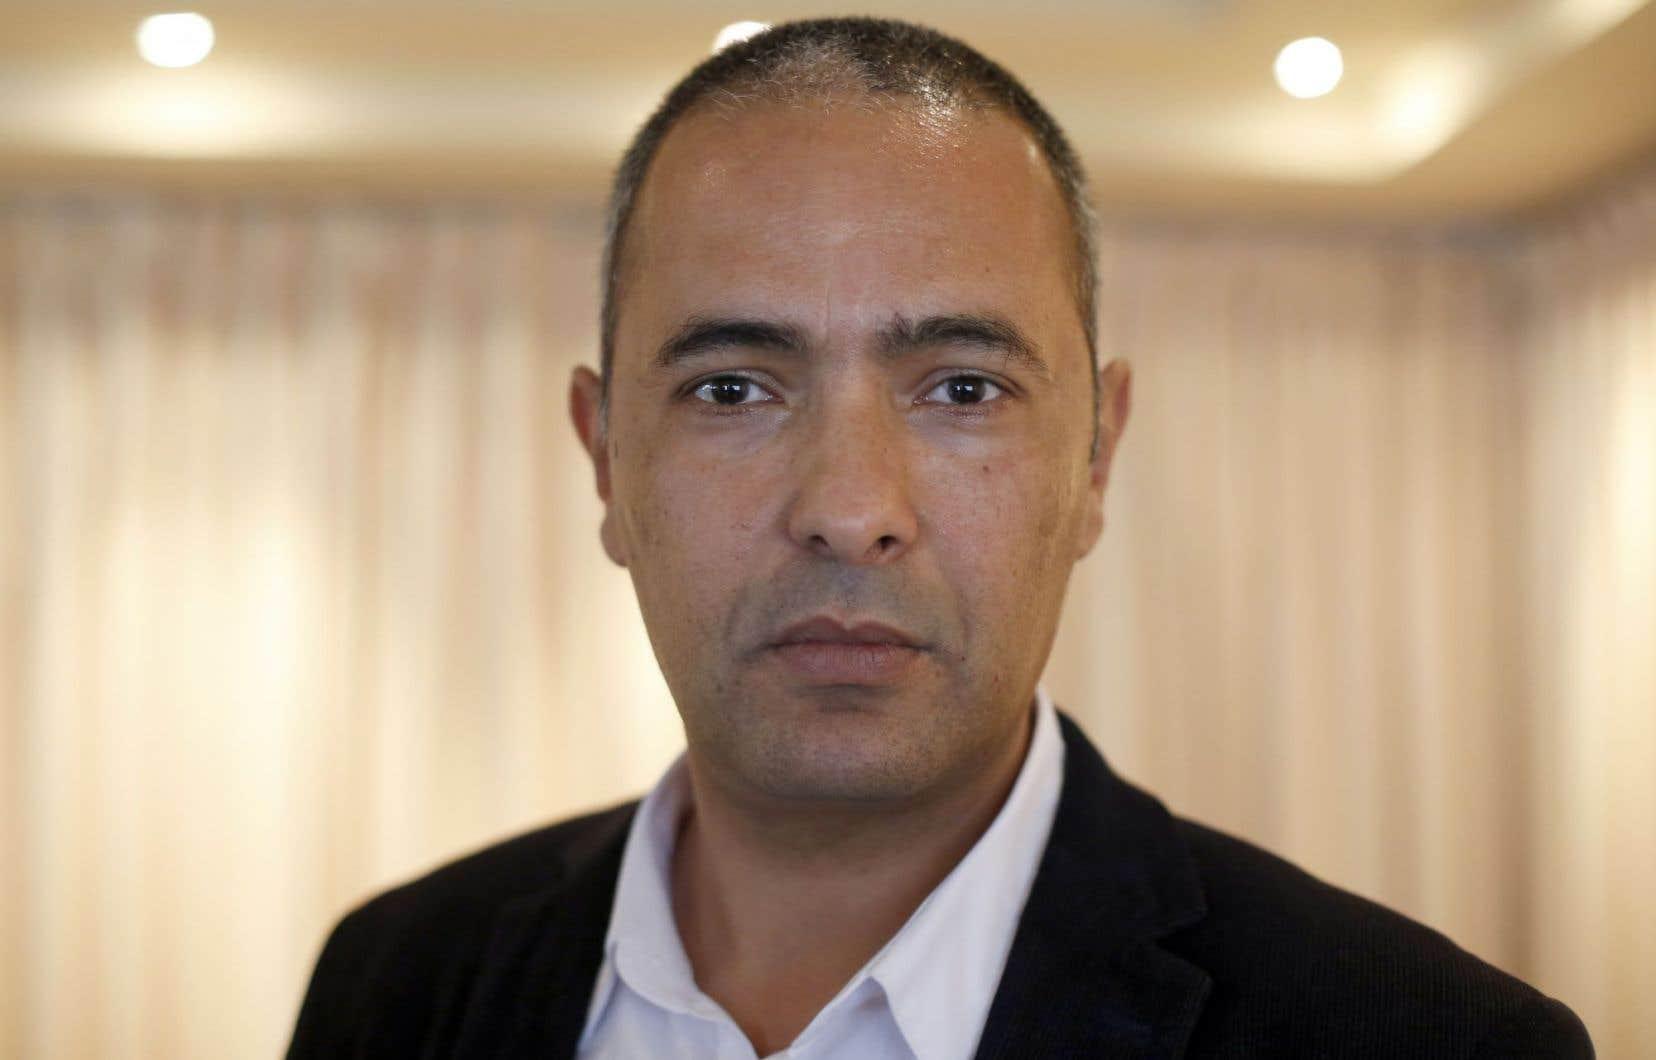 L'écrivain Kamel Daoud avait déposé plainte pour «menaces de mort» contre l'imam Abdelfatah Hamadache Ziraoui.